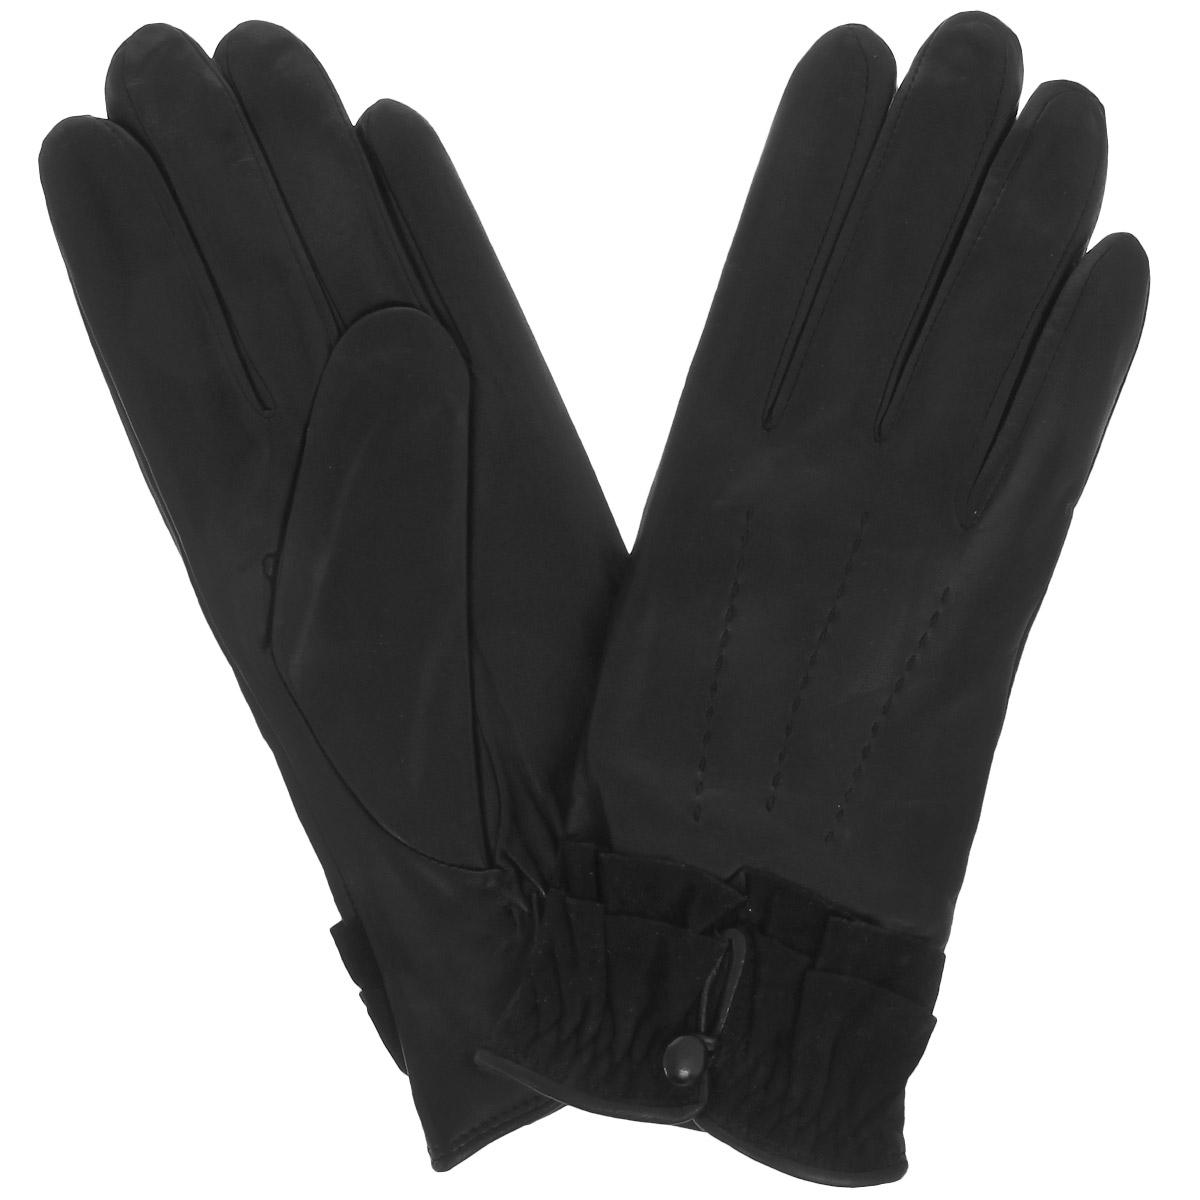 Перчатки женские Dali Exclusive, цвет: черный. 11_DANTE/BL. Размер 7,511_DANTE/BLСтильные женские перчатки Dali Exclusive с подкладкой из 100% шерсти выполнены из мягкой и приятной на ощупь натуральной кожи ягненка.С лицевой стороны перчатки оформлены декоративными стежками. Манжеты, собранные на резинку, украшены замшевой оборкой и имеют небольшой разрез, который фиксируется на пуговку. С тыльной стороны предусмотрена сборка на резинку для наилучшего прилегания к запястью. Такие перчатки подчеркнут ваш стиль и неповторимость и придадут всему образу нотки женственности и элегантности.